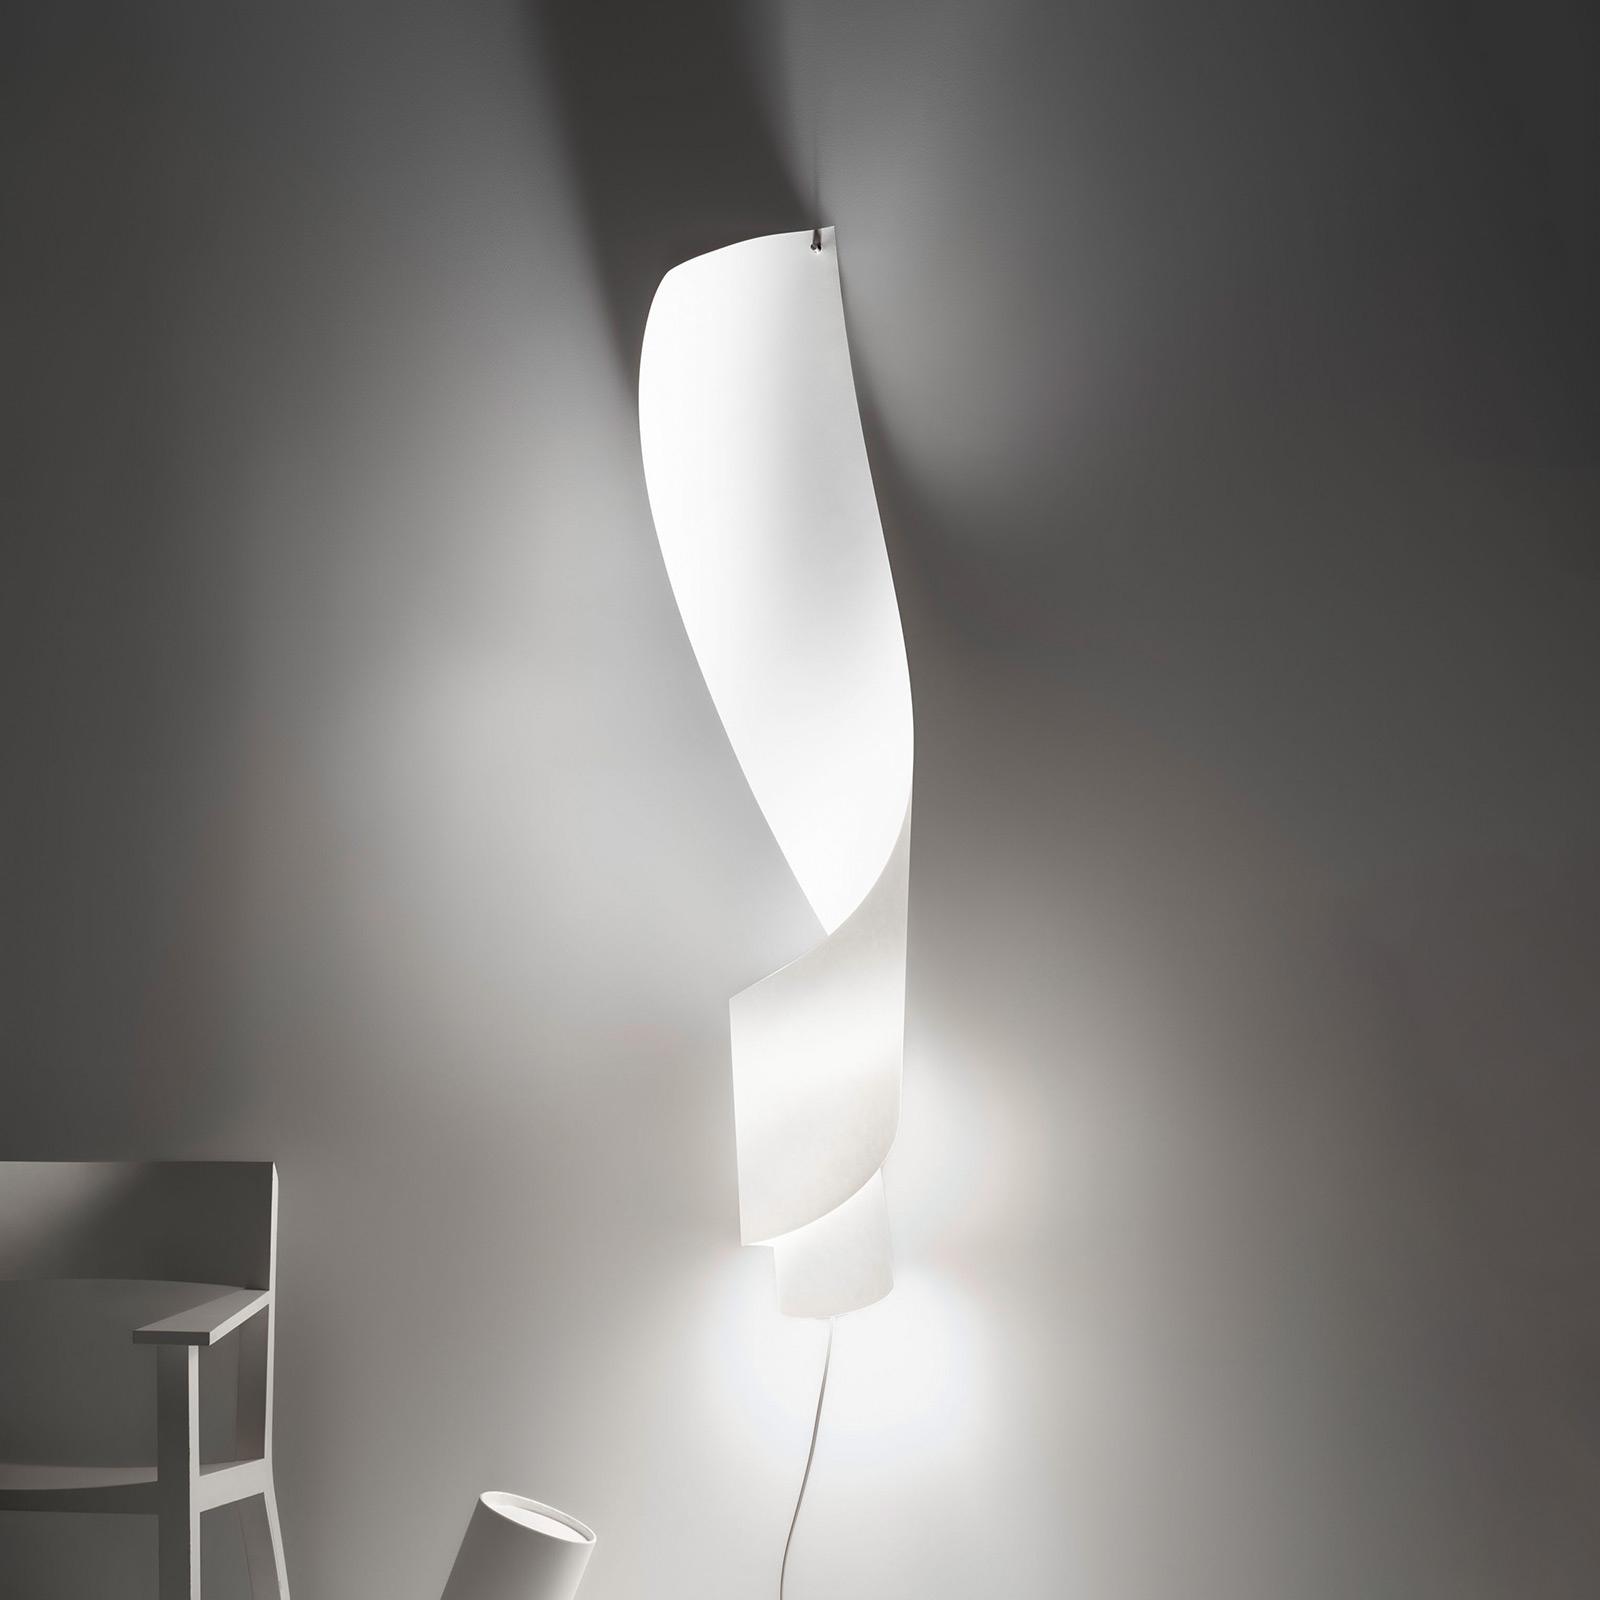 Ingo Maurer Oop's 1 wandlamp van papier